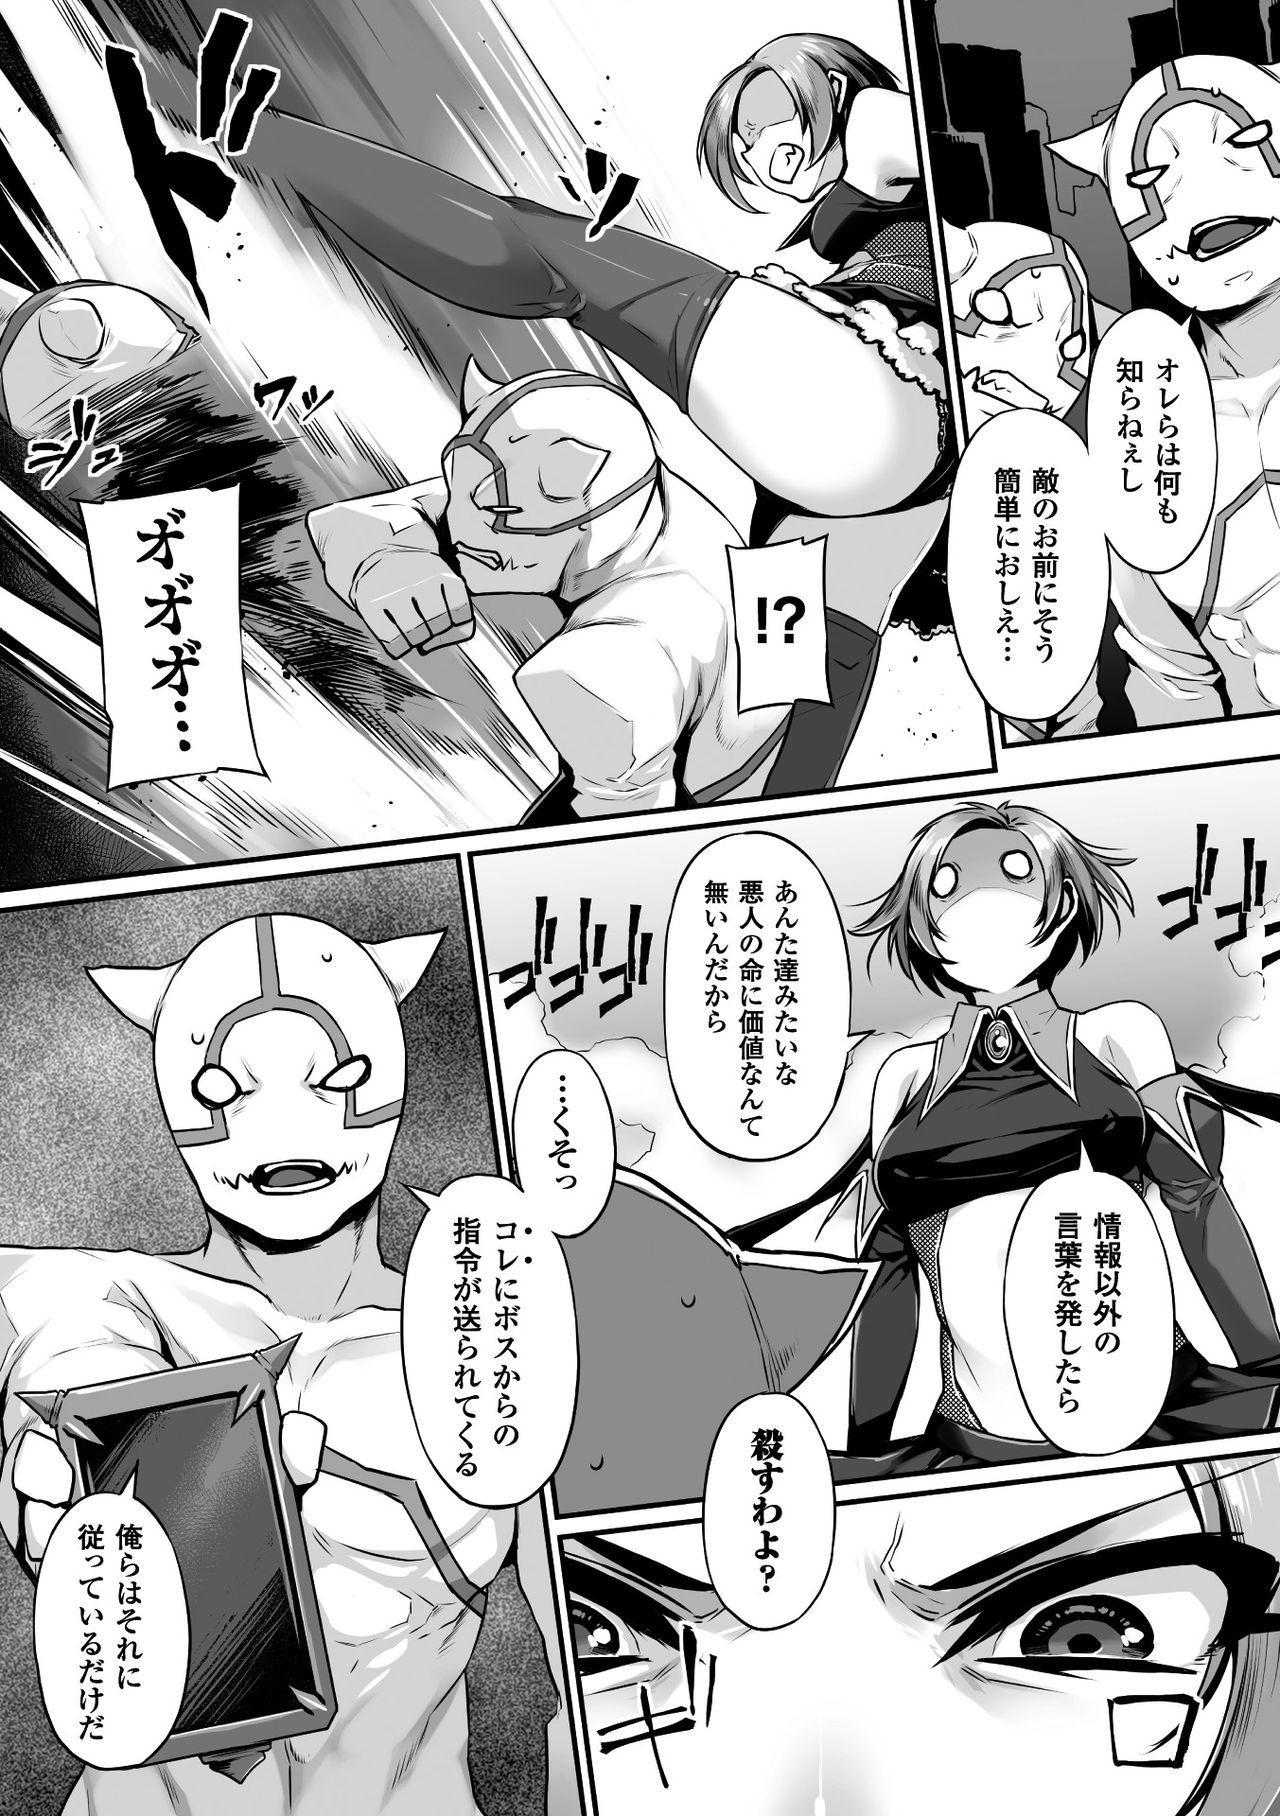 2D Comic Magazine Saimin Appli de Henshin Heroine o Yaritai Houdai! Vol. 1 3